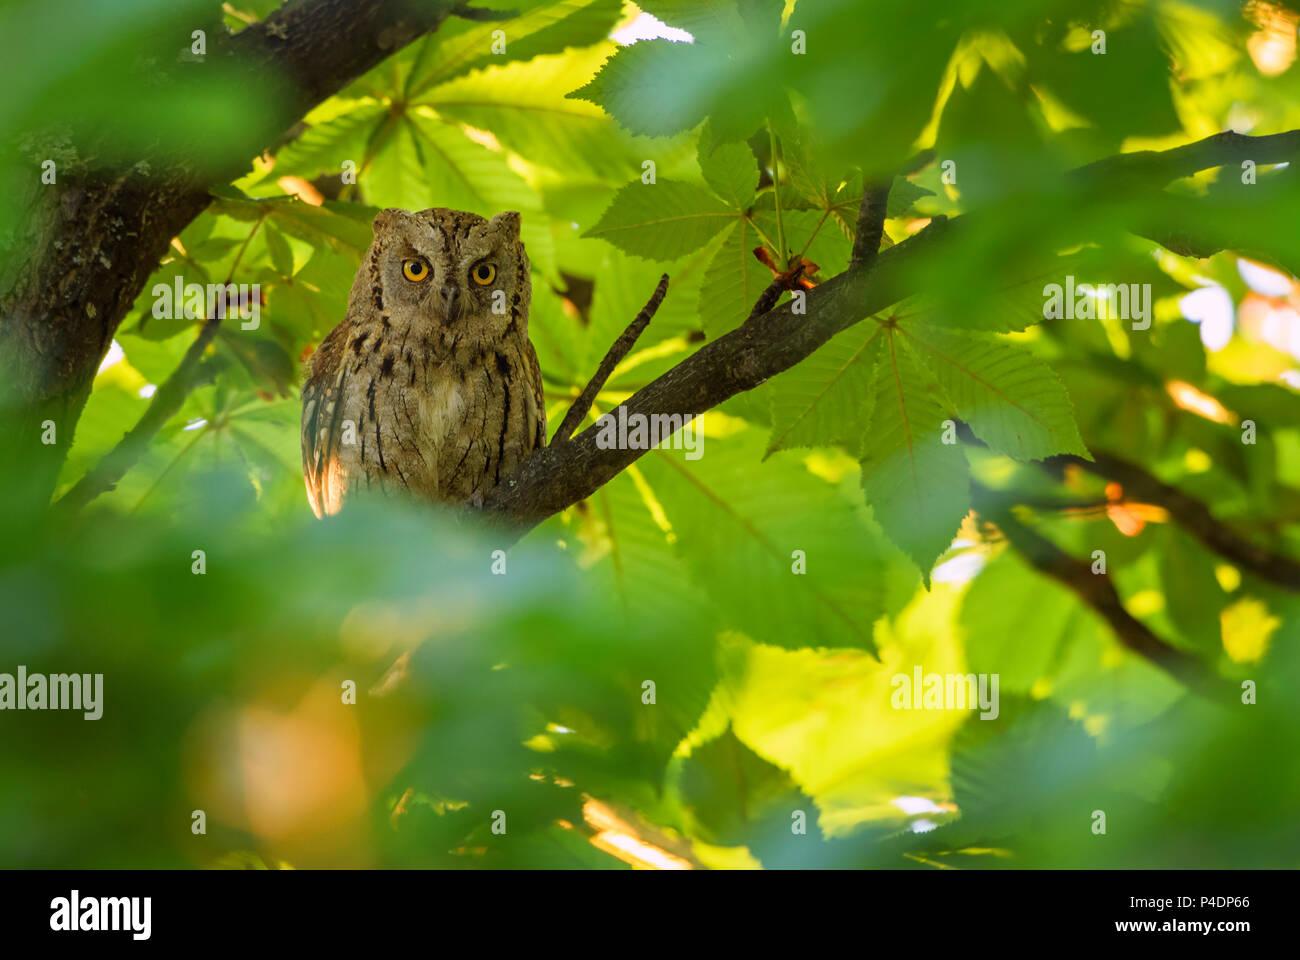 Autillo - autillo (Otus, bella y pequeña lechuza Europeo de selvas y bosques, montañas Rodope oriental, Bulgaria. Imagen De Stock